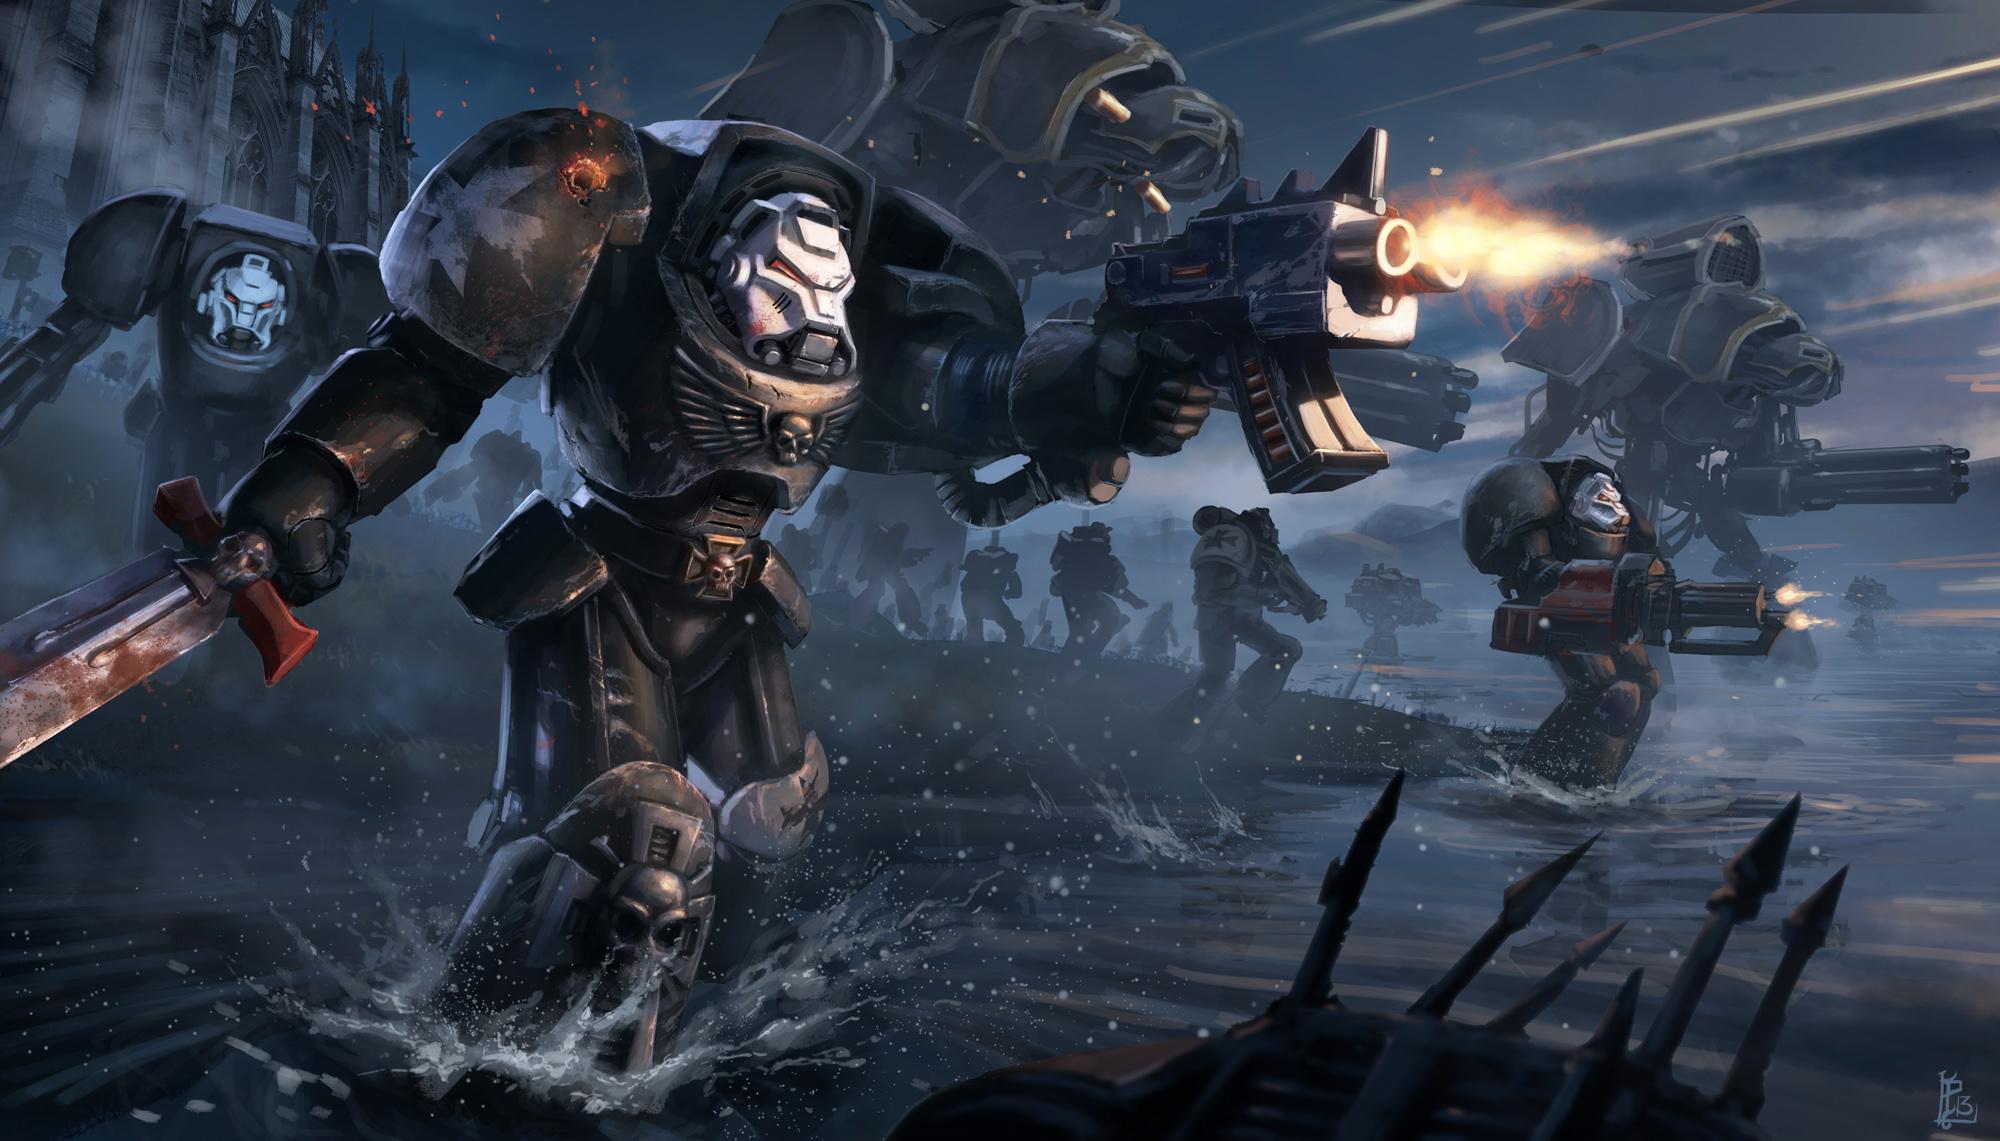 ... Space Marines sci-fi warrior mech mecha weapon gun battle wallpaper